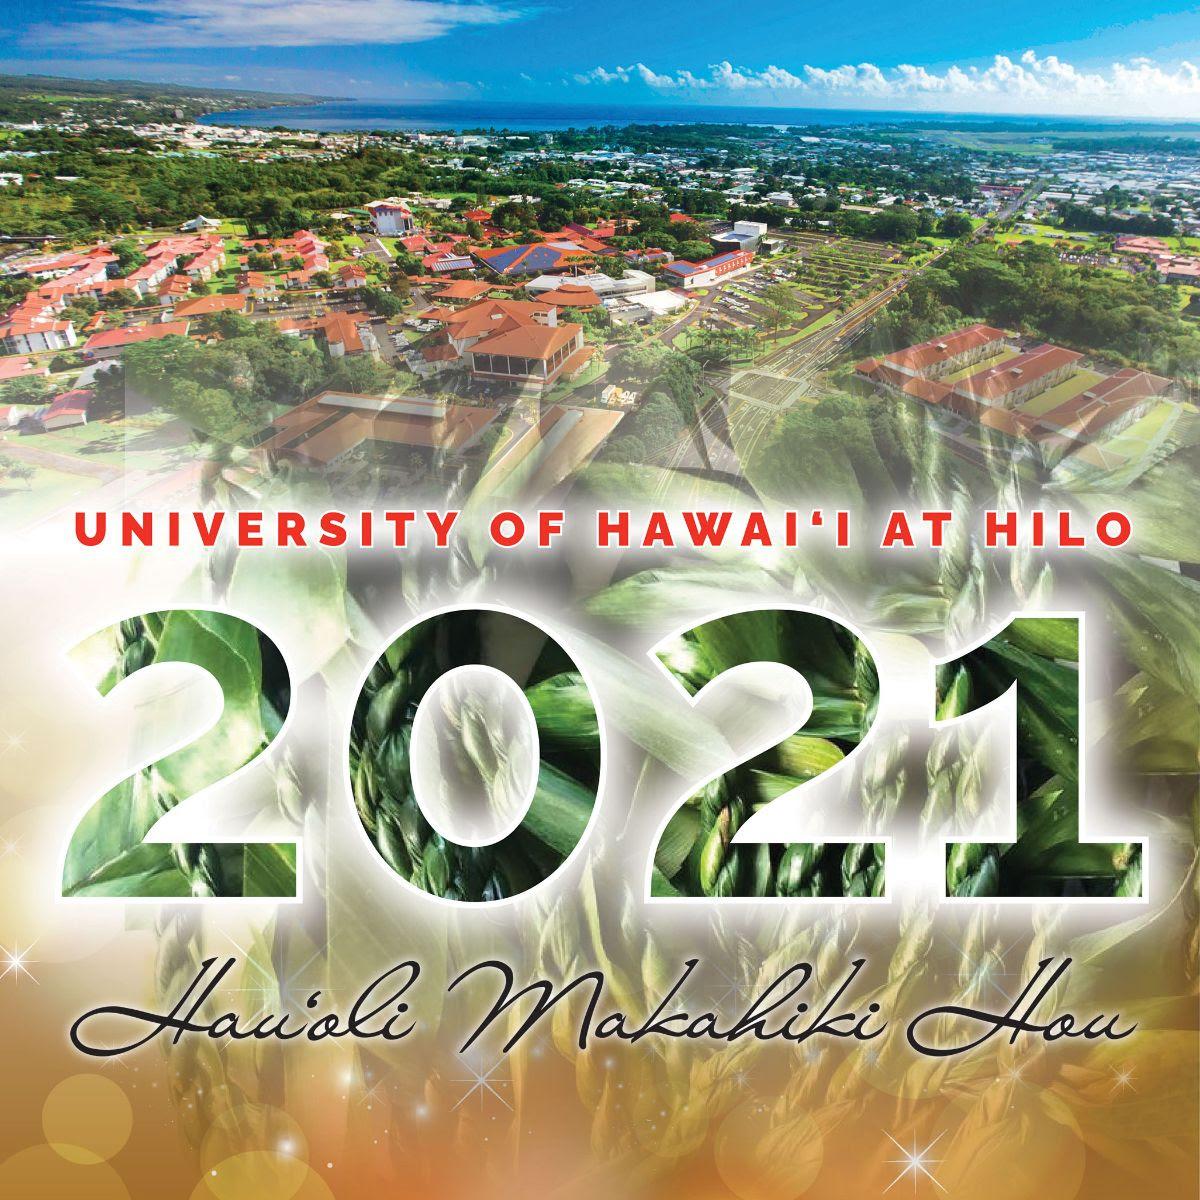 Uh Hilo Fall 2021 Calendar Images